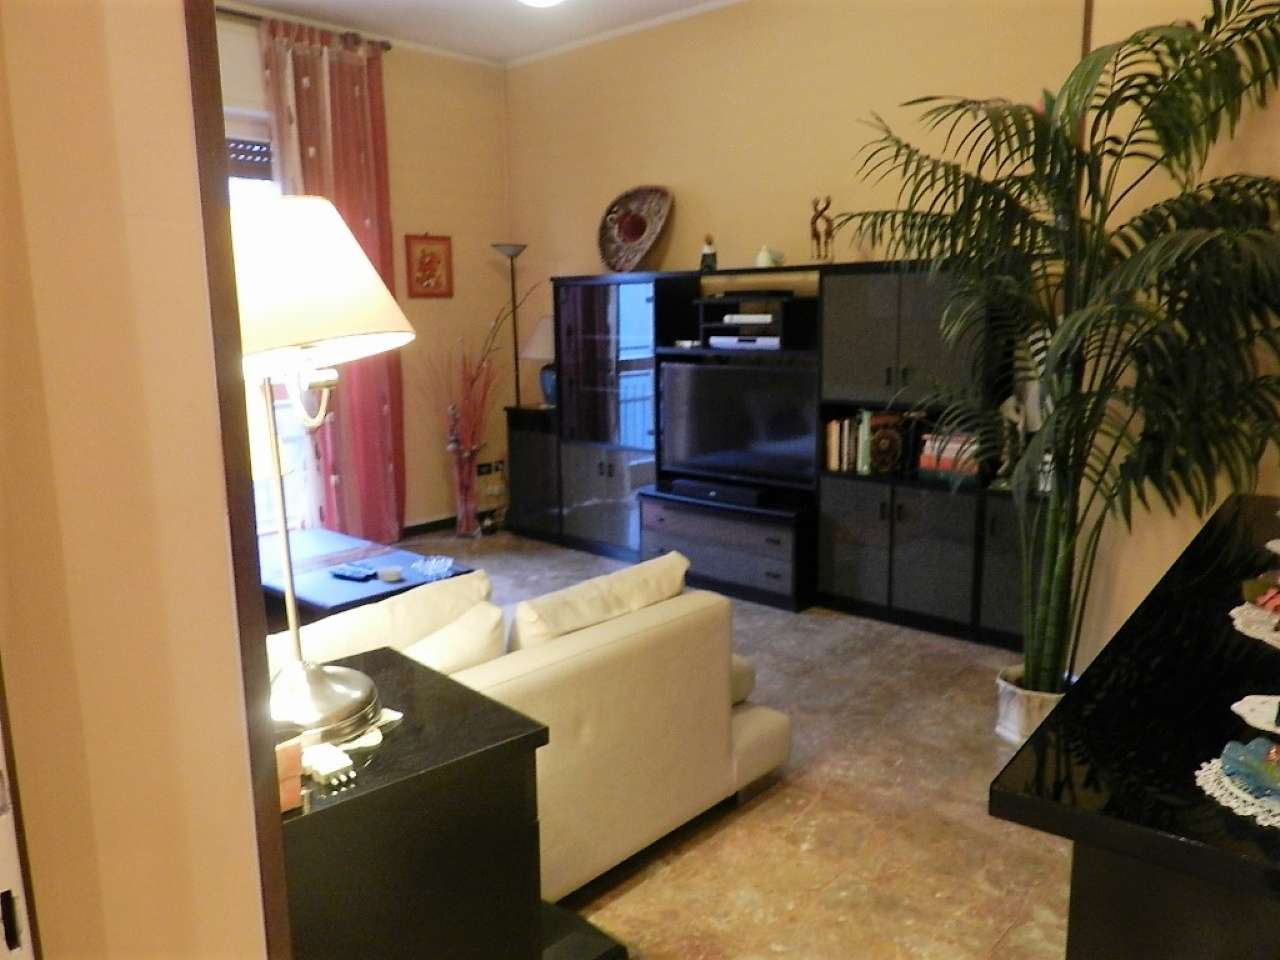 Appartamento in vendita a Robecco sul Naviglio, 3 locali, prezzo € 85.000 | CambioCasa.it